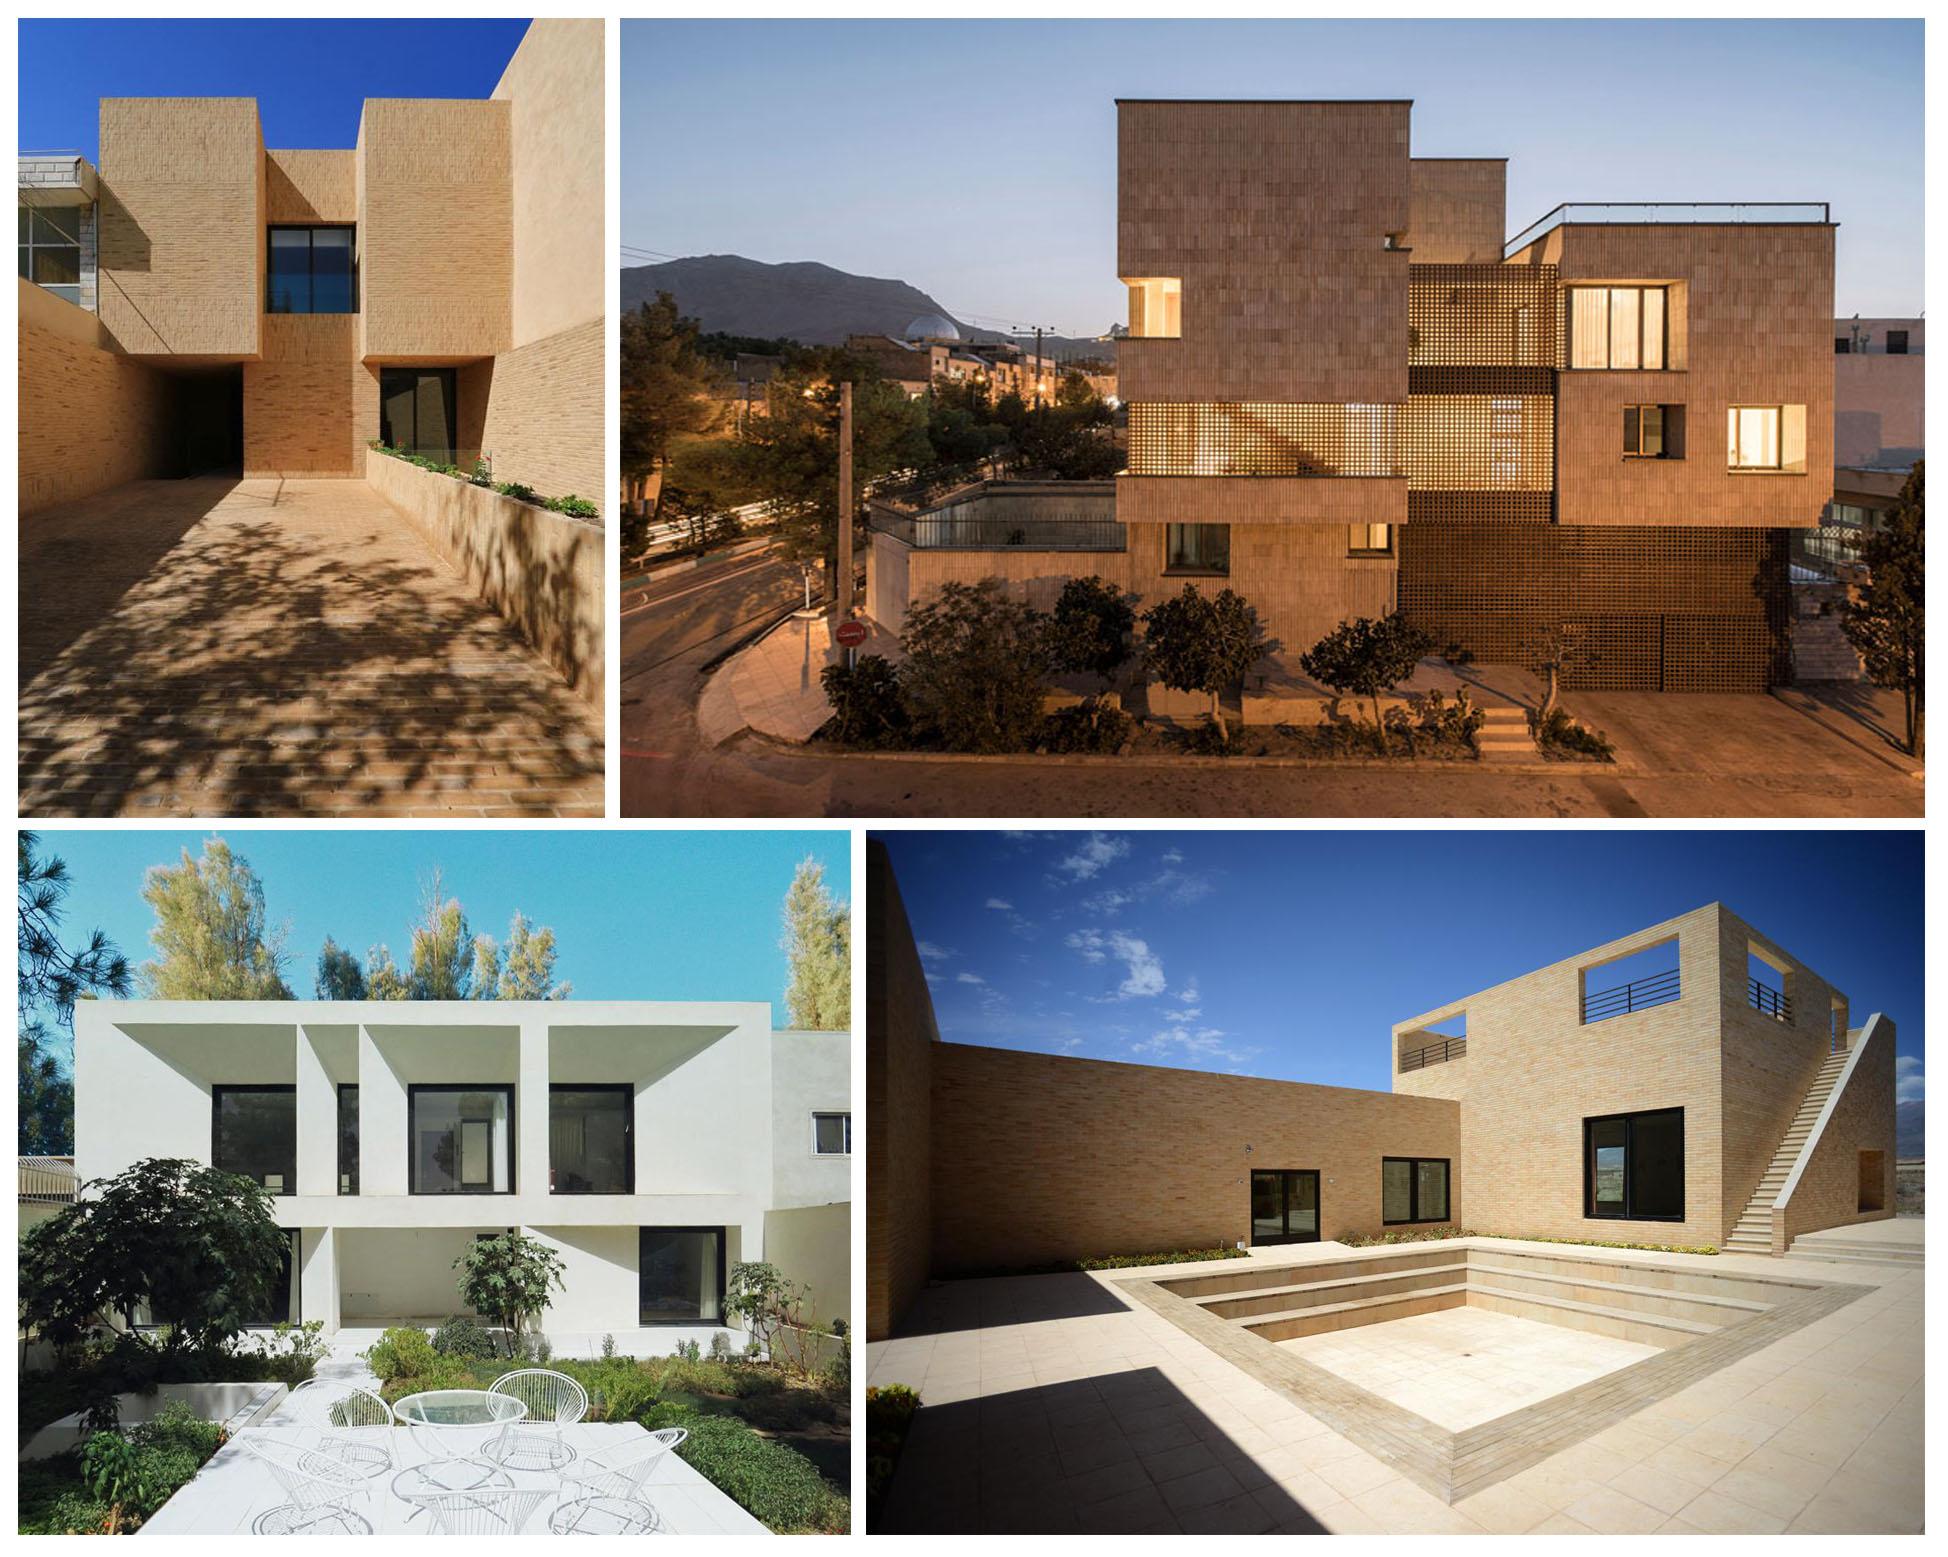 نگاهی به پروژه های برگزیده هجدهمین دوره جایزه معمار